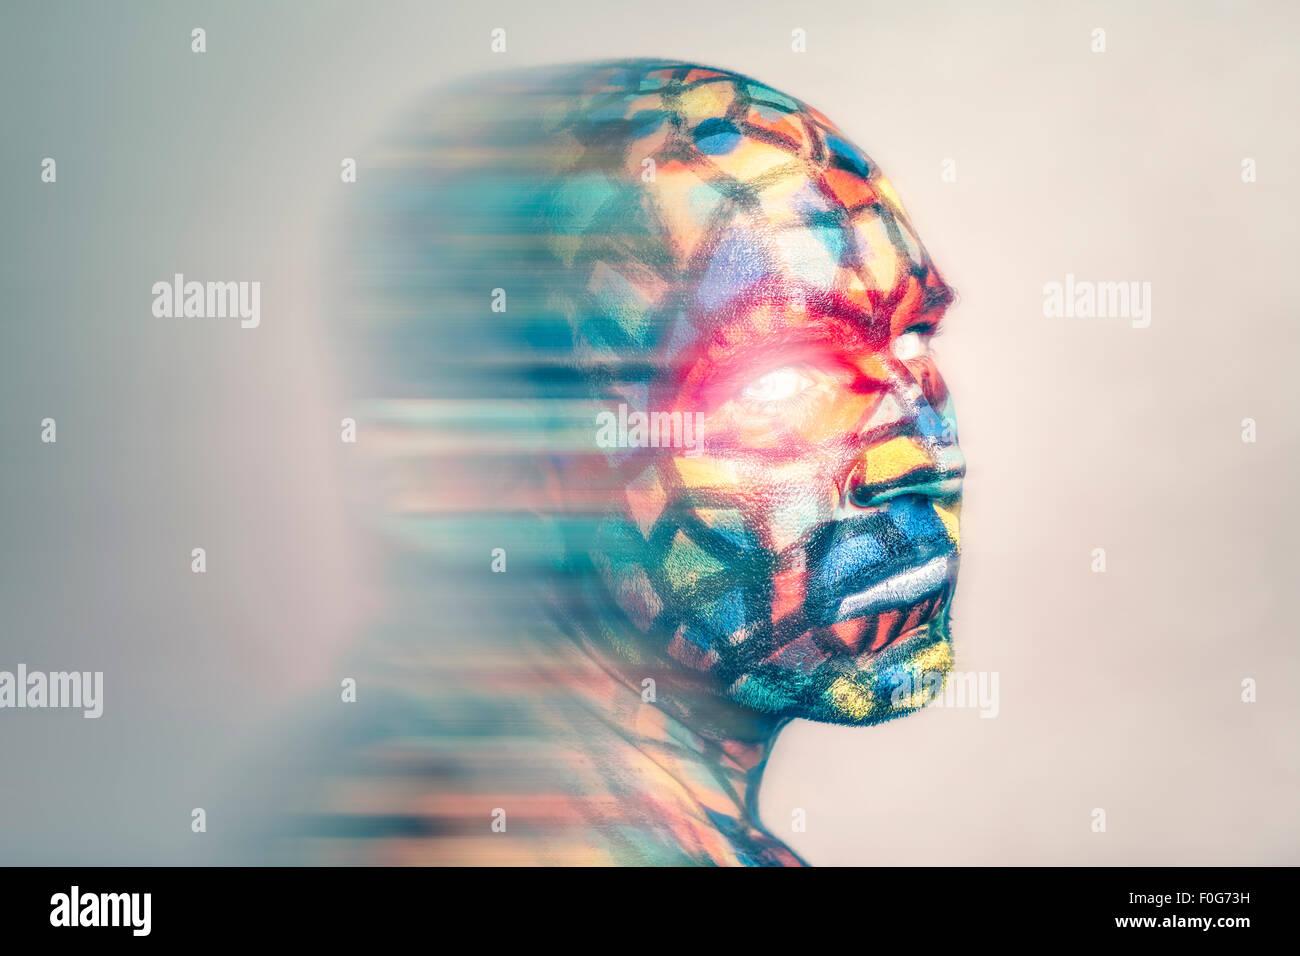 Retrato del superhéroe, colorido arte facial con efecto de desenfoque de movimiento. Imagen De Stock